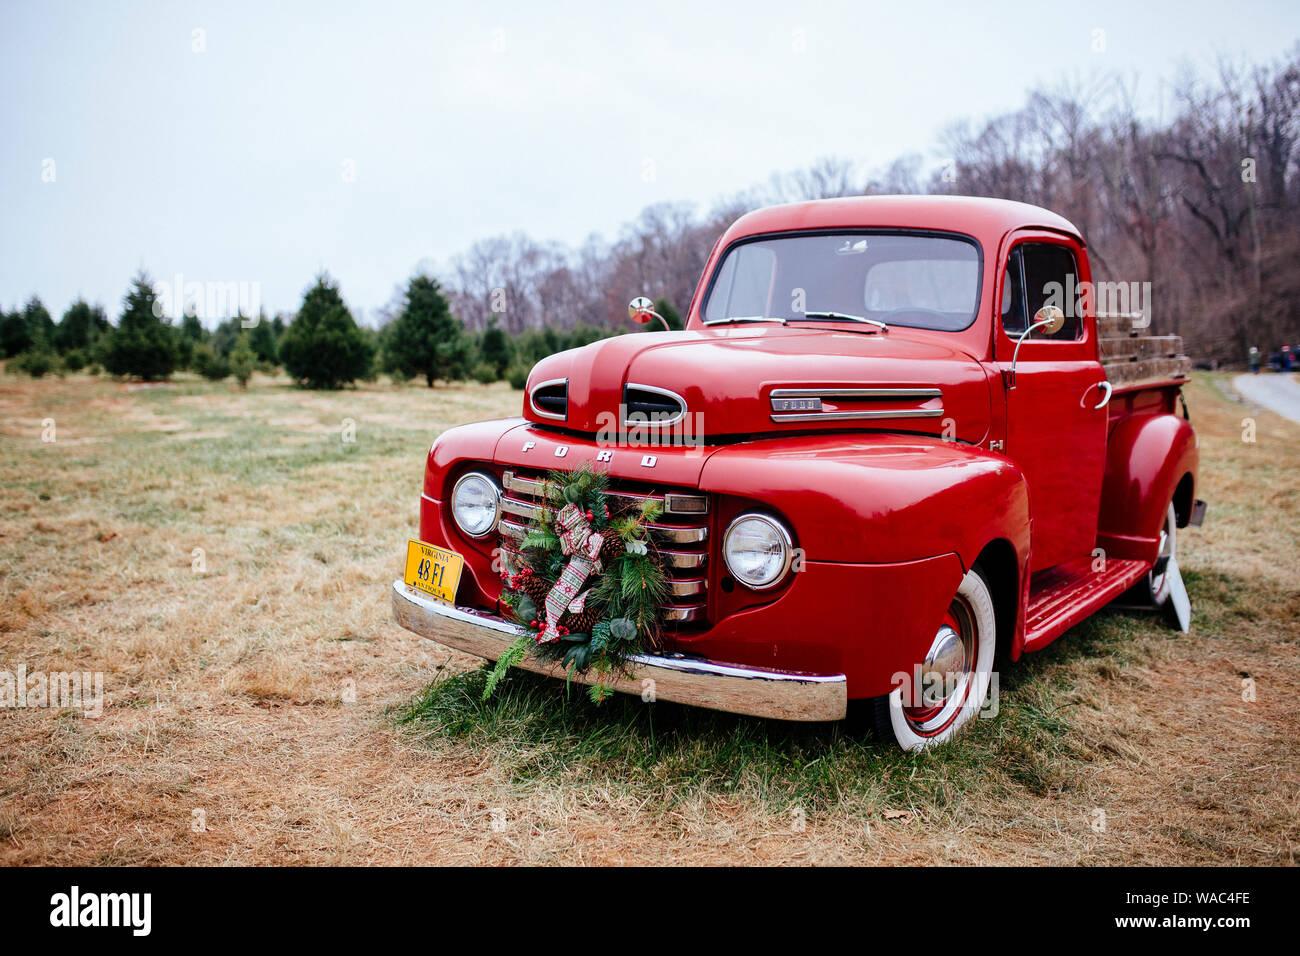 Szenen aus dem Kichern Lücke Christmas Tree Farm in der Nähe von Washington, DC. Stockfoto